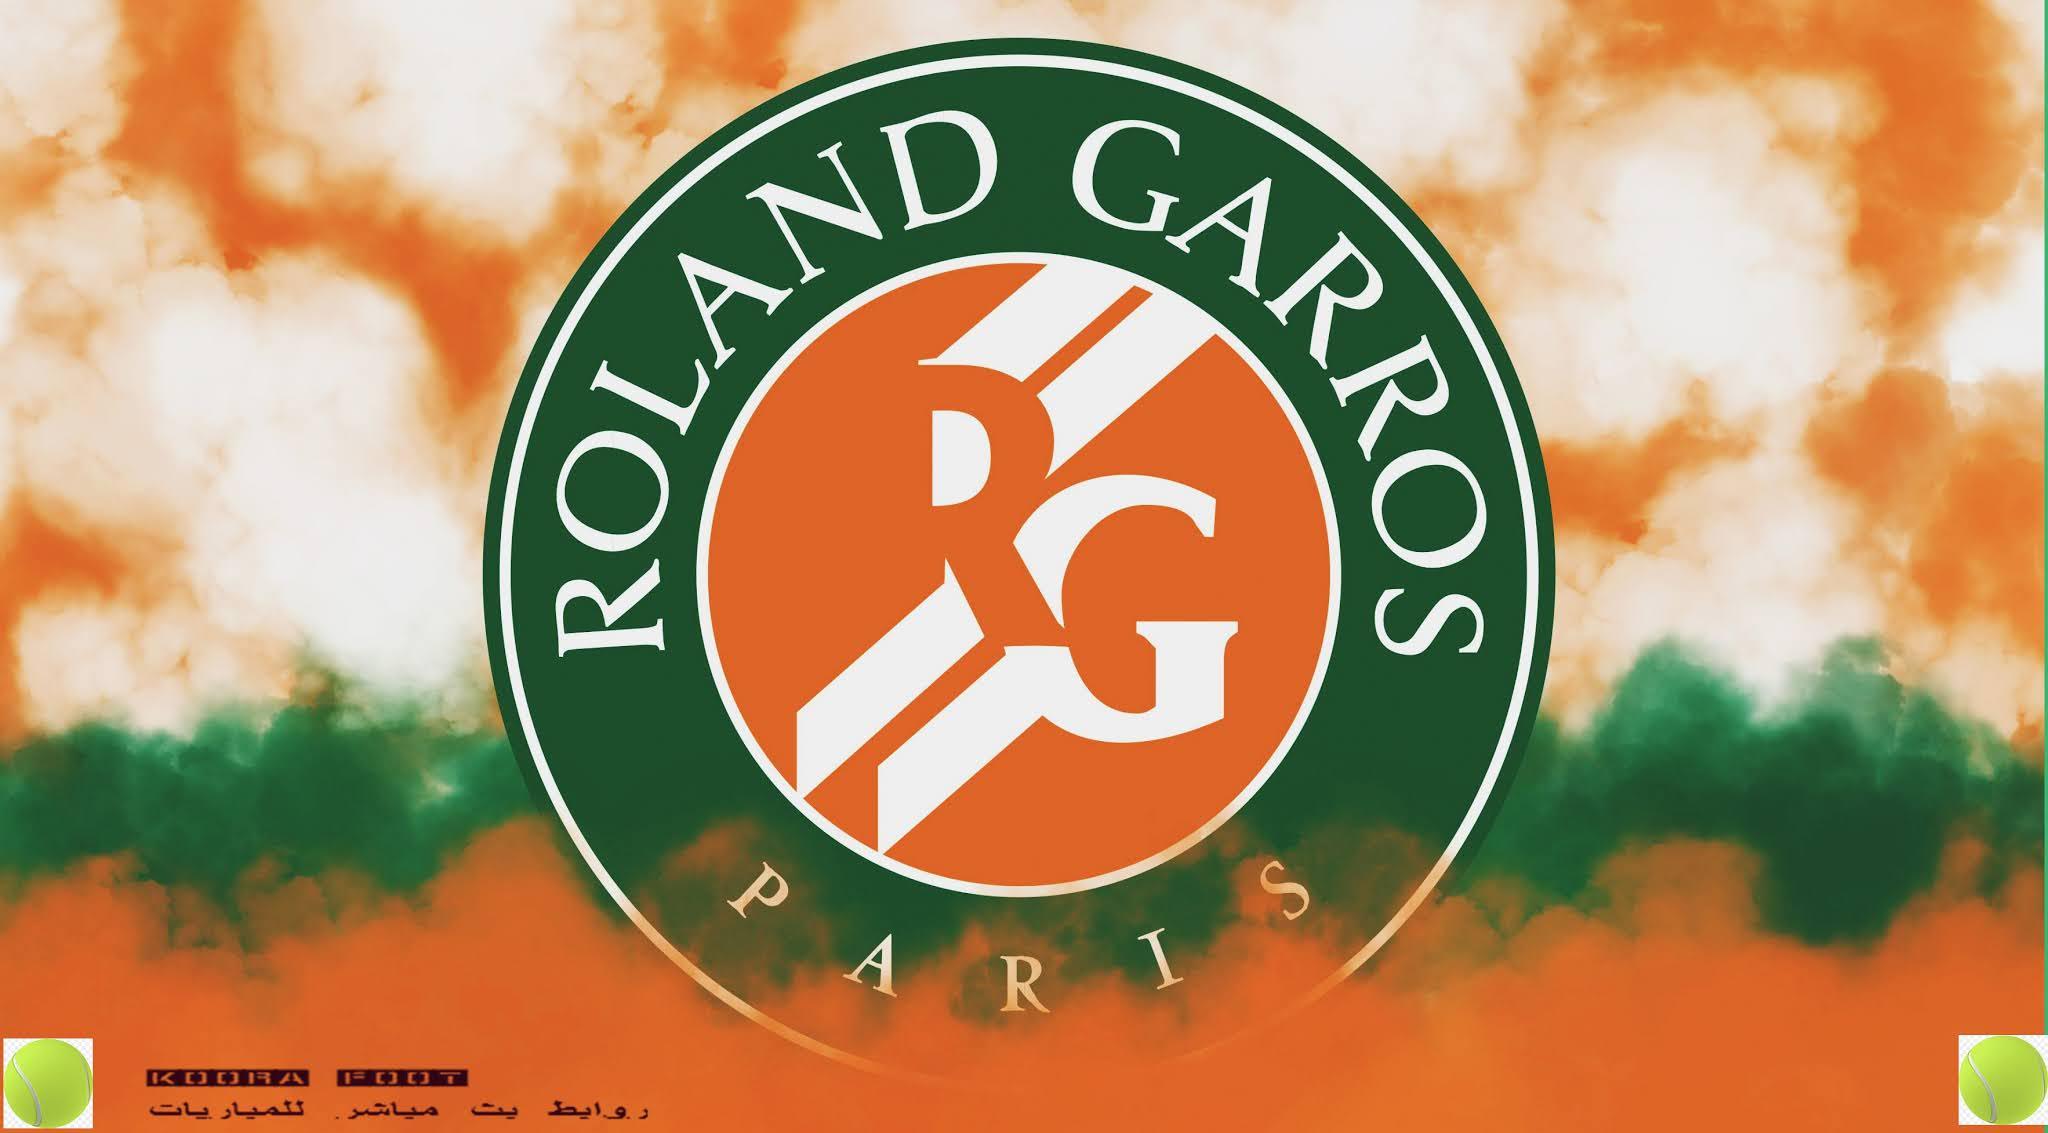 بطولة رولان غاروس للتنس/ بطولة فرنسا المفتوحة للتنس